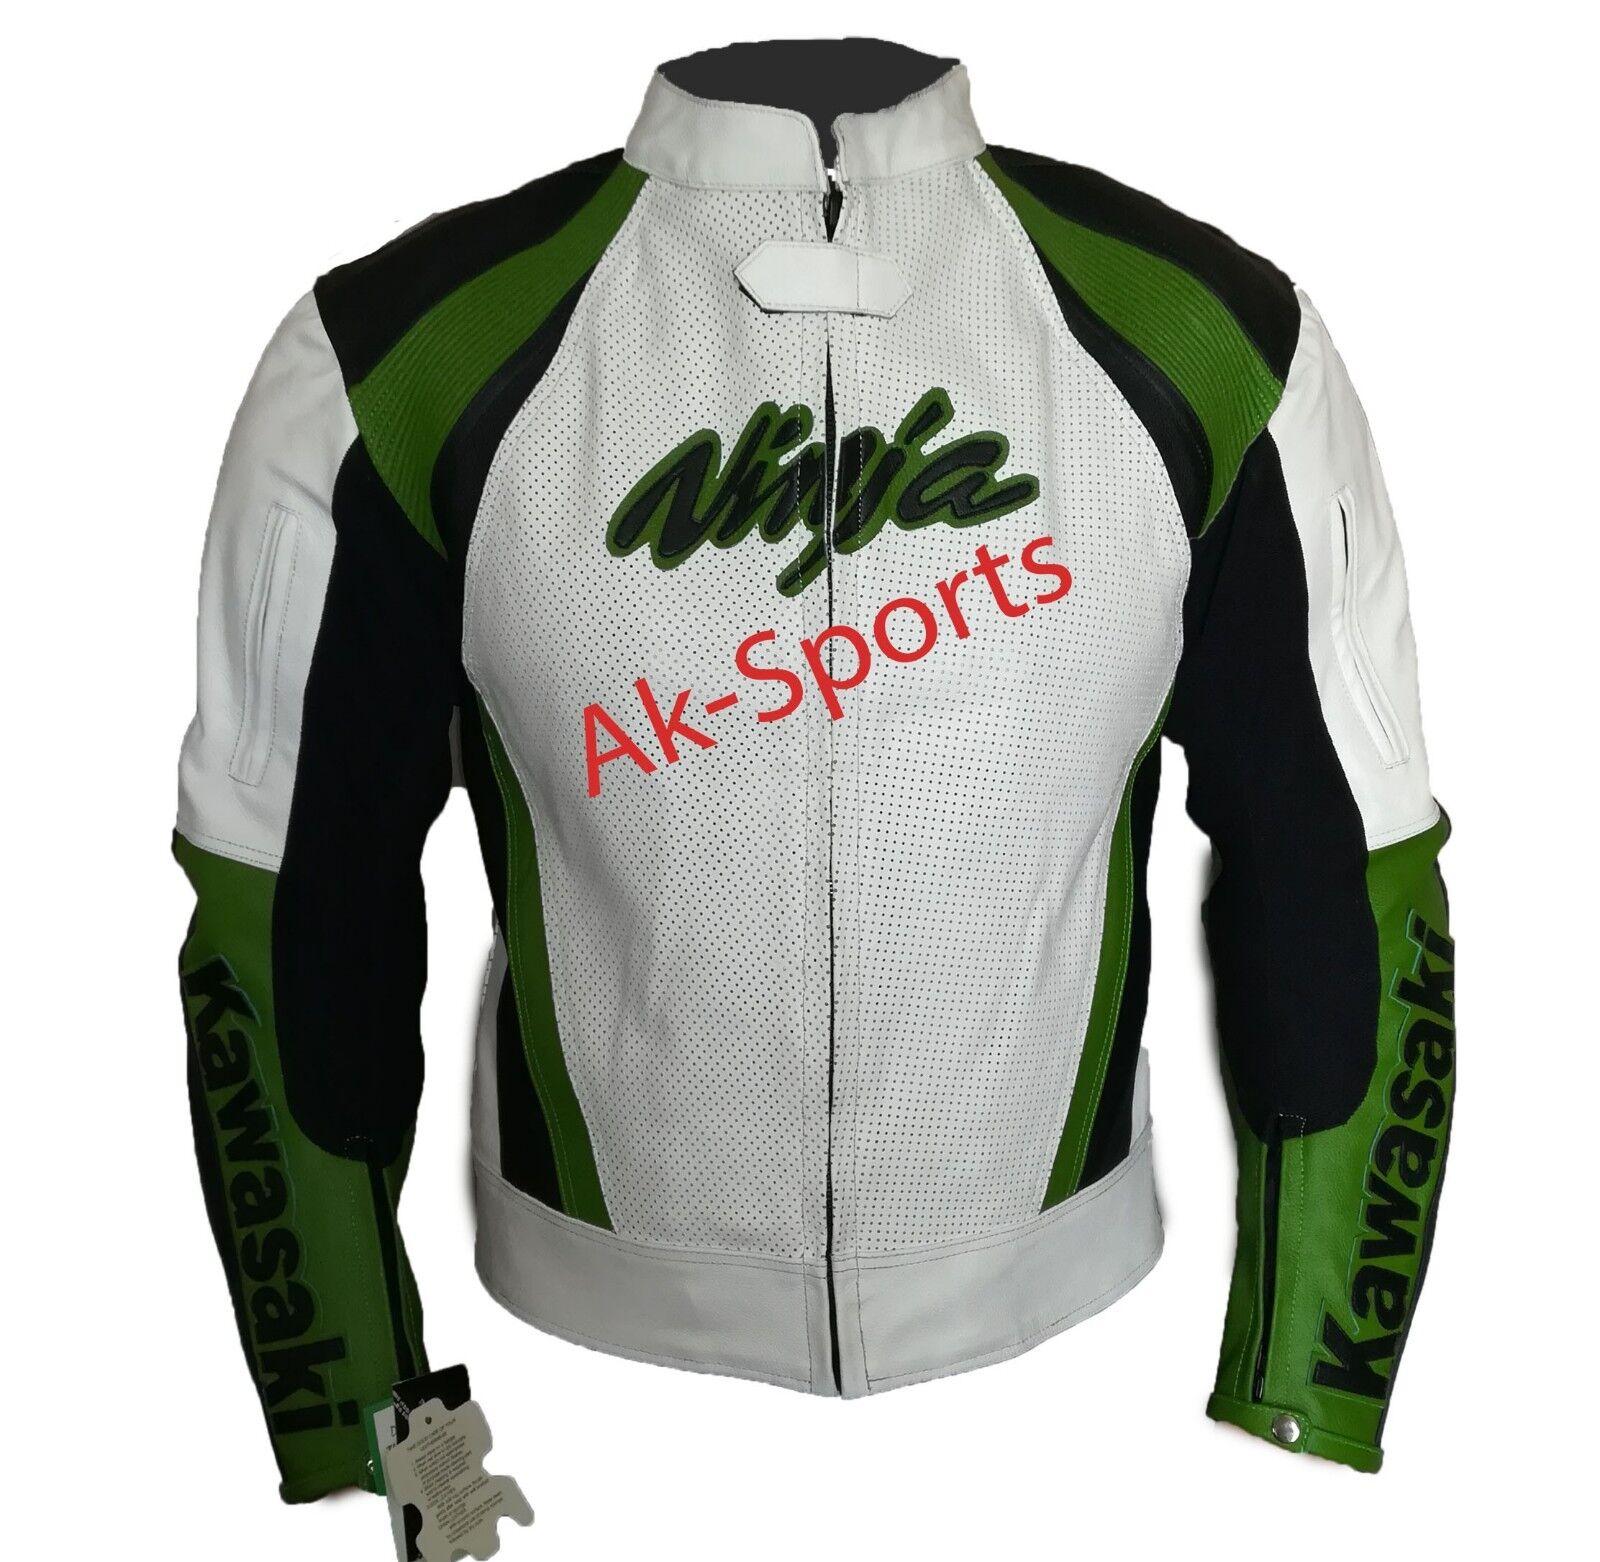 Men's Lined Wind Resistant/Water Repellent Full Zip Windbreaker Jacket - Black